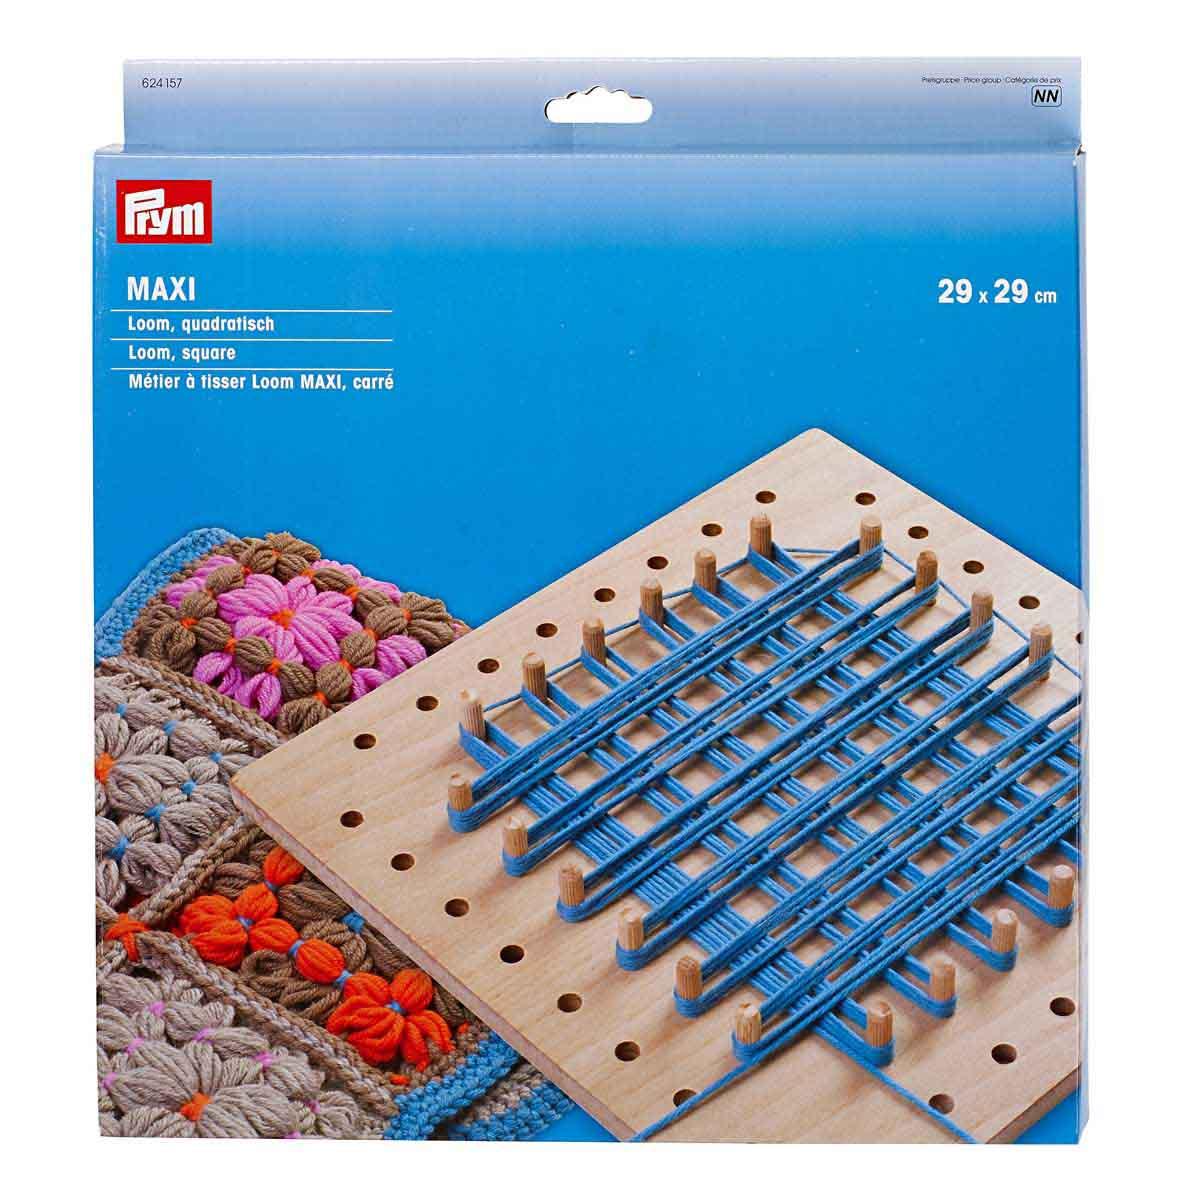 624157 Основа для плетения на колышках Loom MAXI, квадрат.1шт. 29*29cм Prym